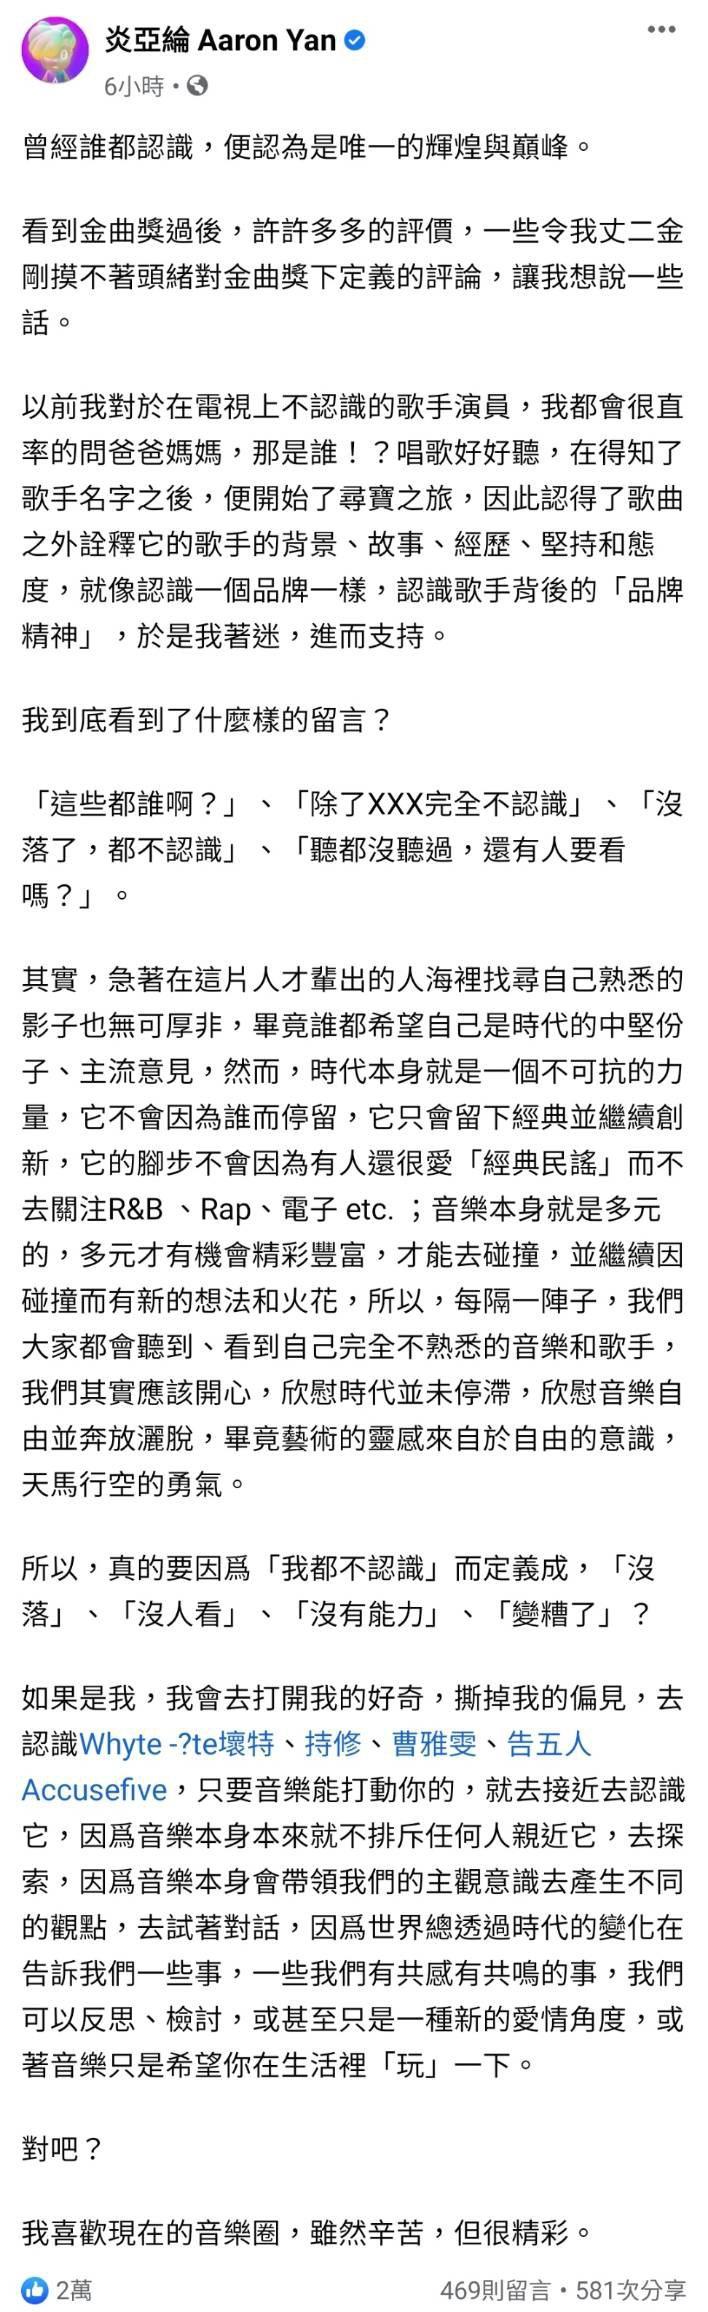 今年金曲獎典禮於本月21日舉行,炎亞綸今(23日)凌晨則在臉書發表感想。 圖/擷...